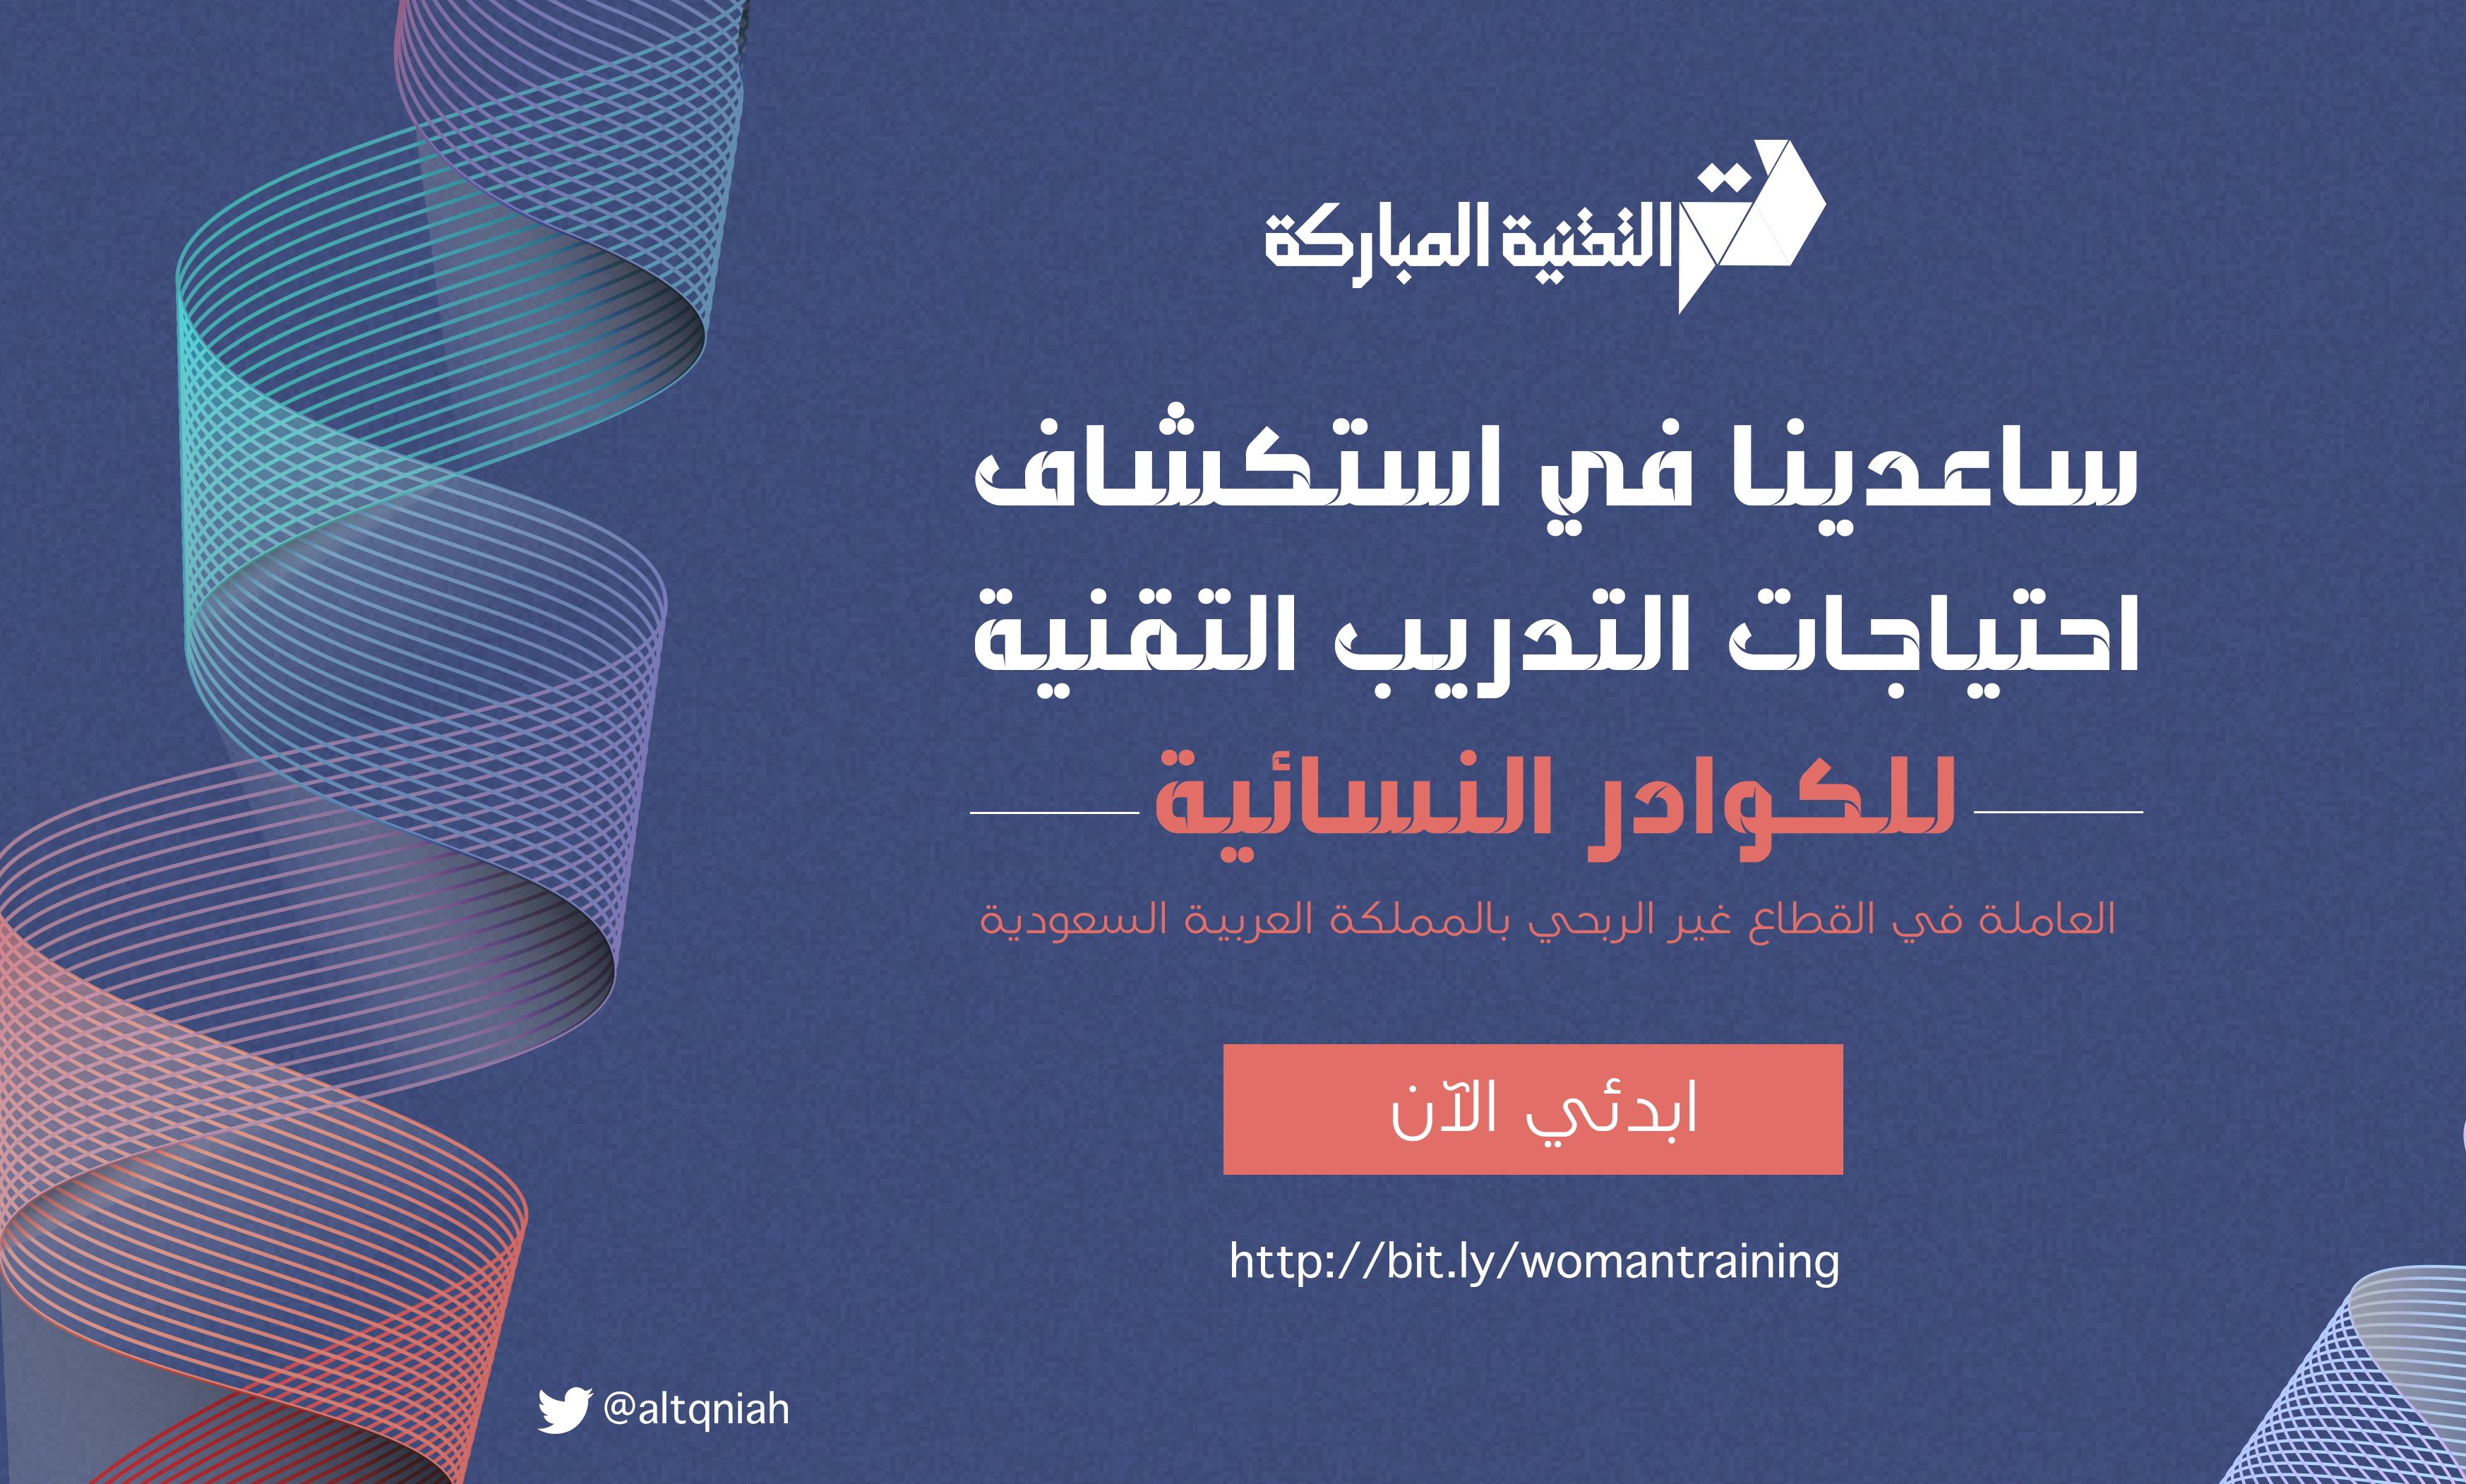 التقنية المباركة تدرس احتياجات التدريب التقنية للكوادر النسائية العاملة في  القطاع غير الربحي السعودي | التحول التقني